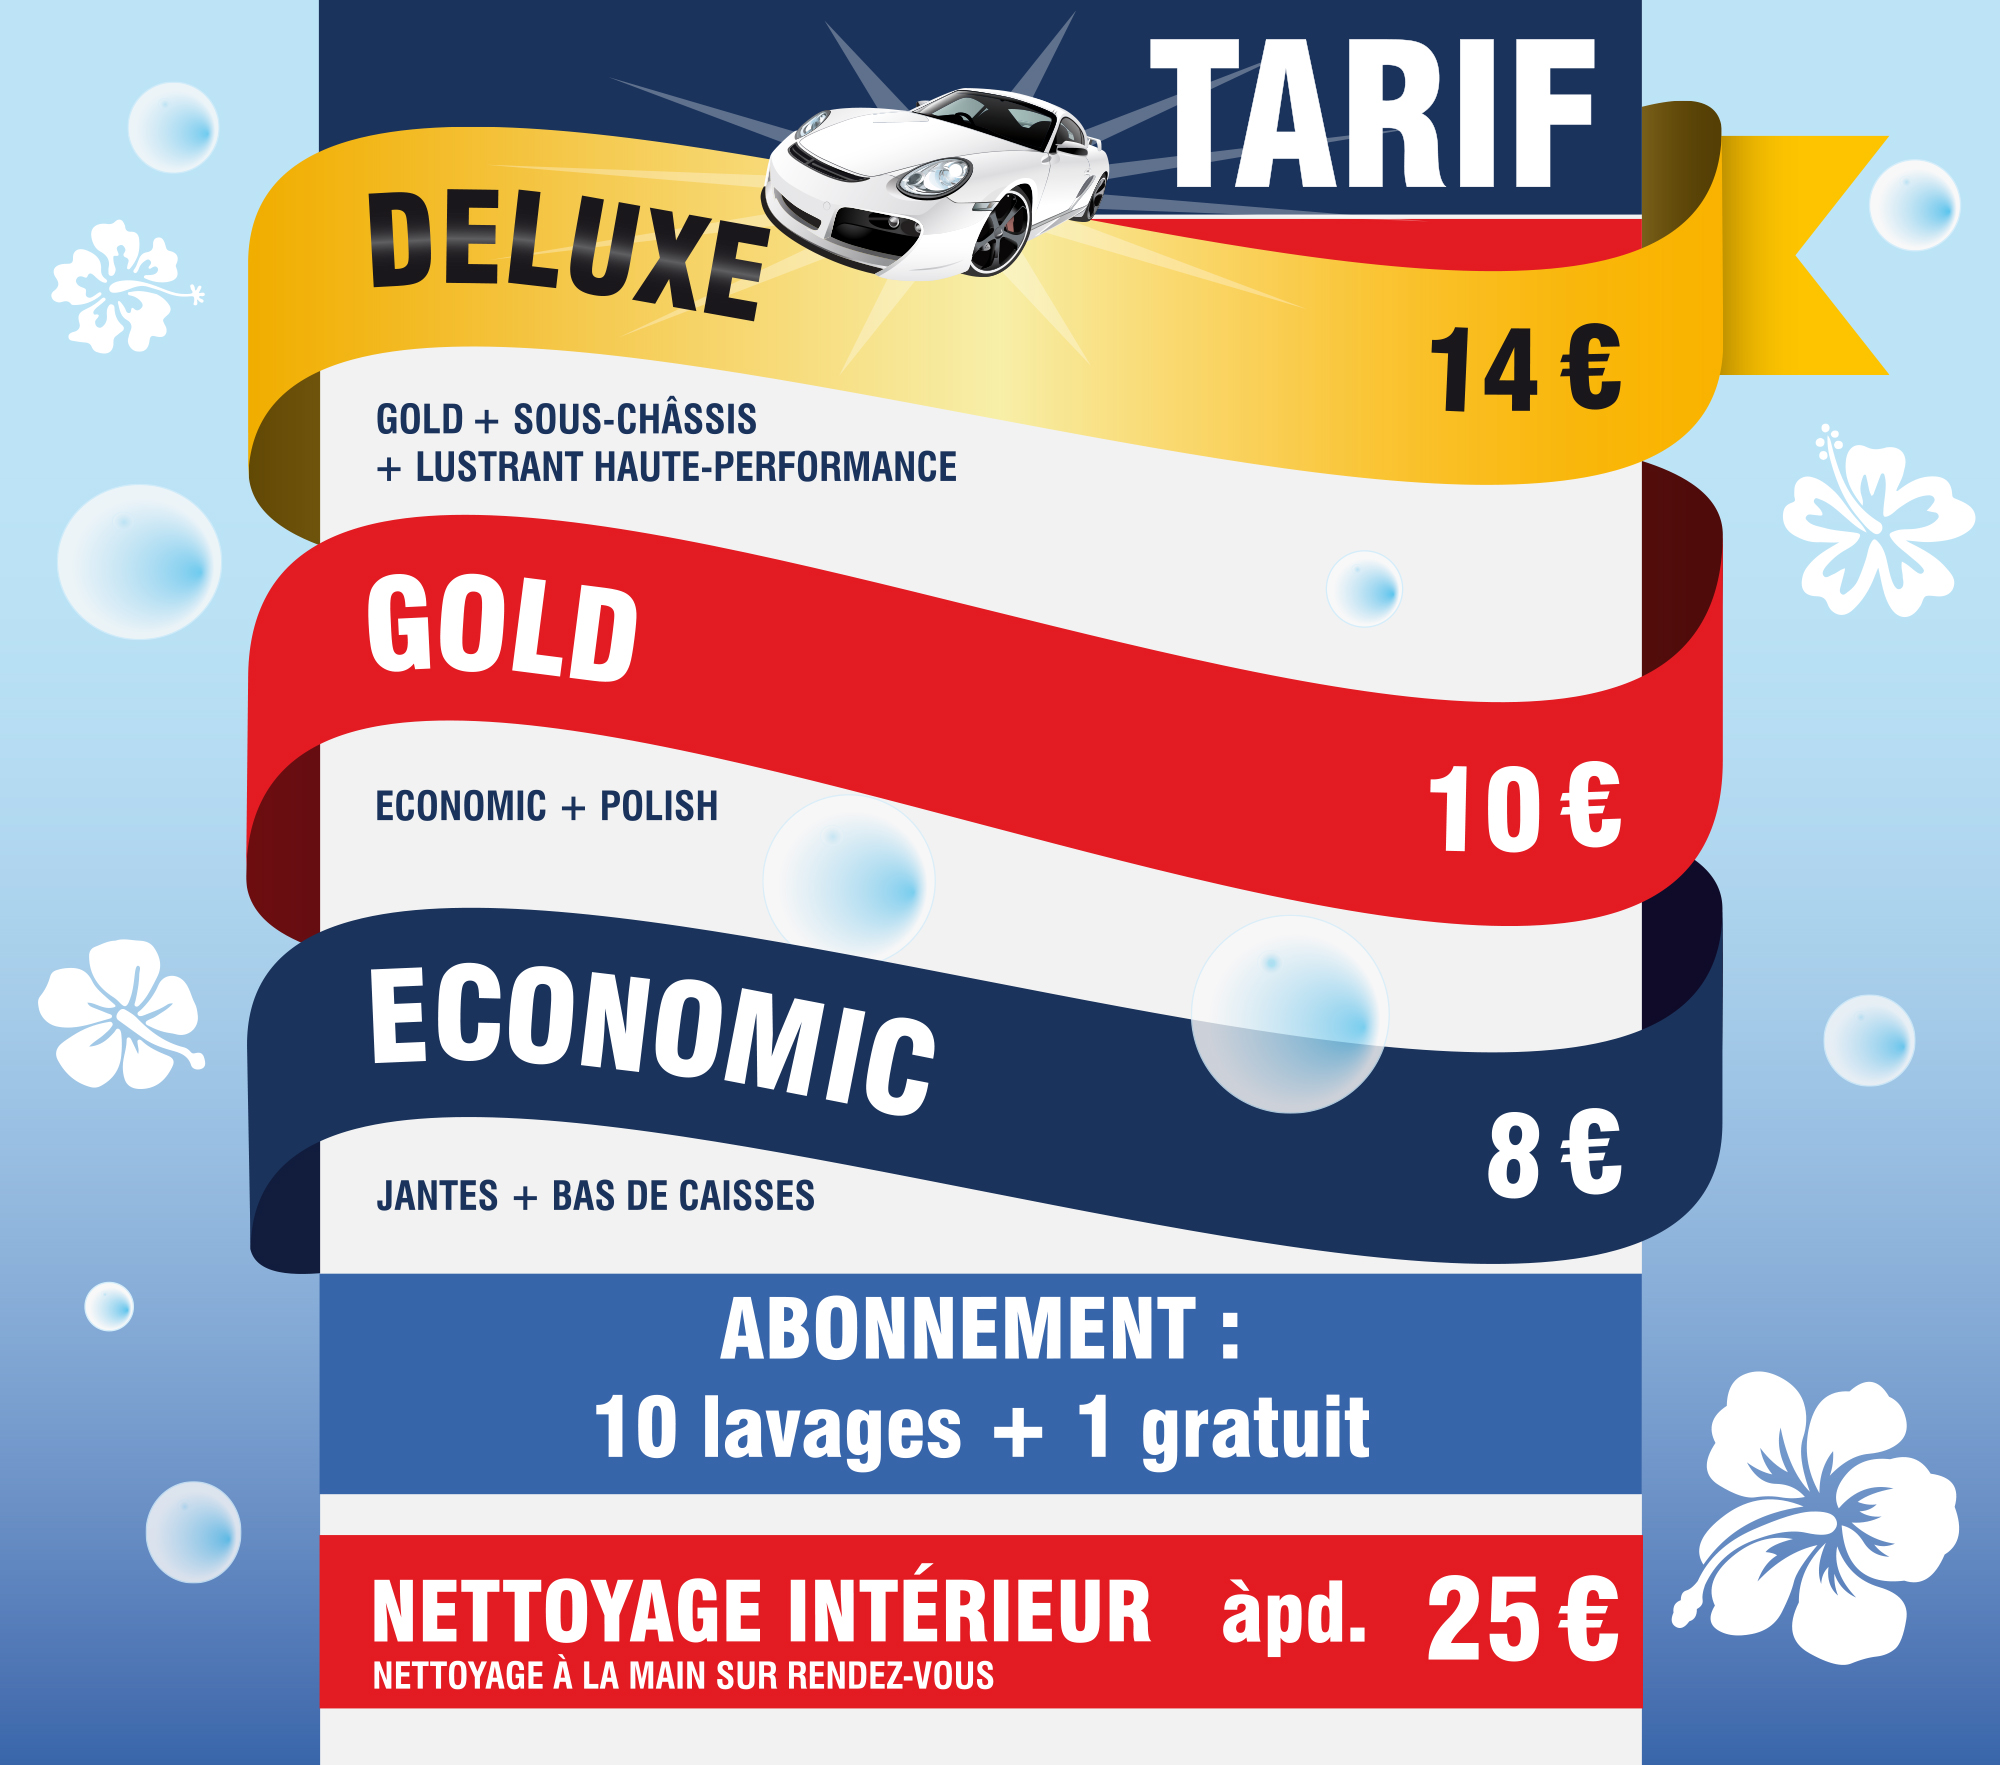 tarifs-1700x1500